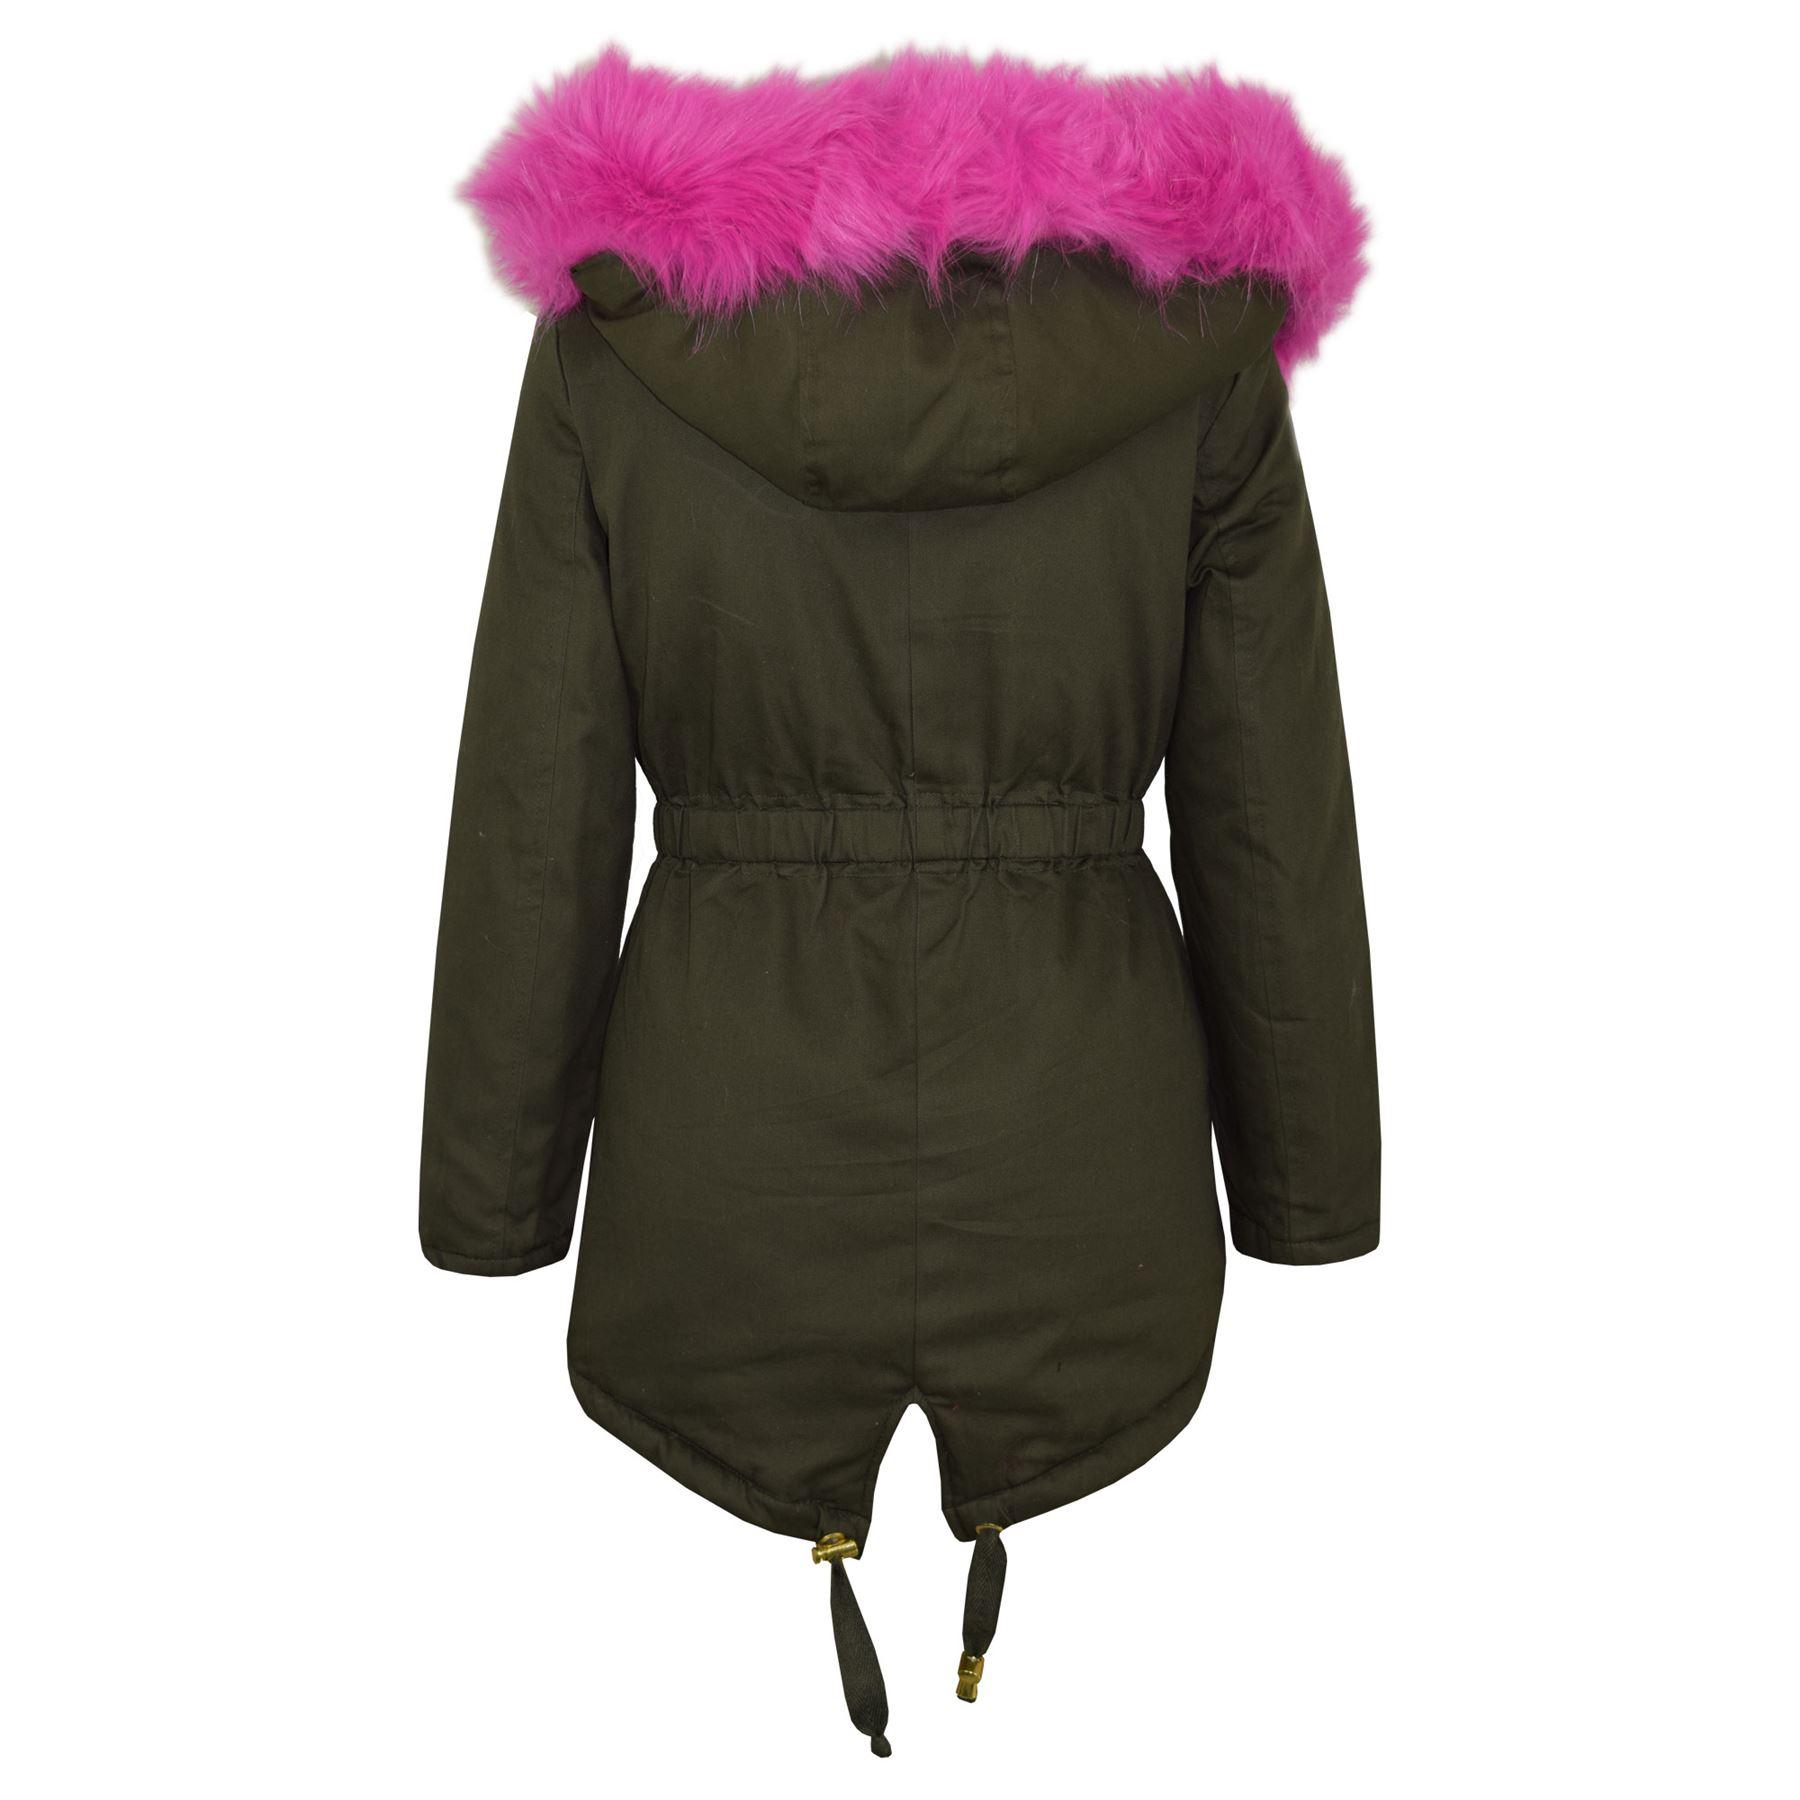 Kids Hooded Jacket Girls Faux Fur Parka School Jackets ...